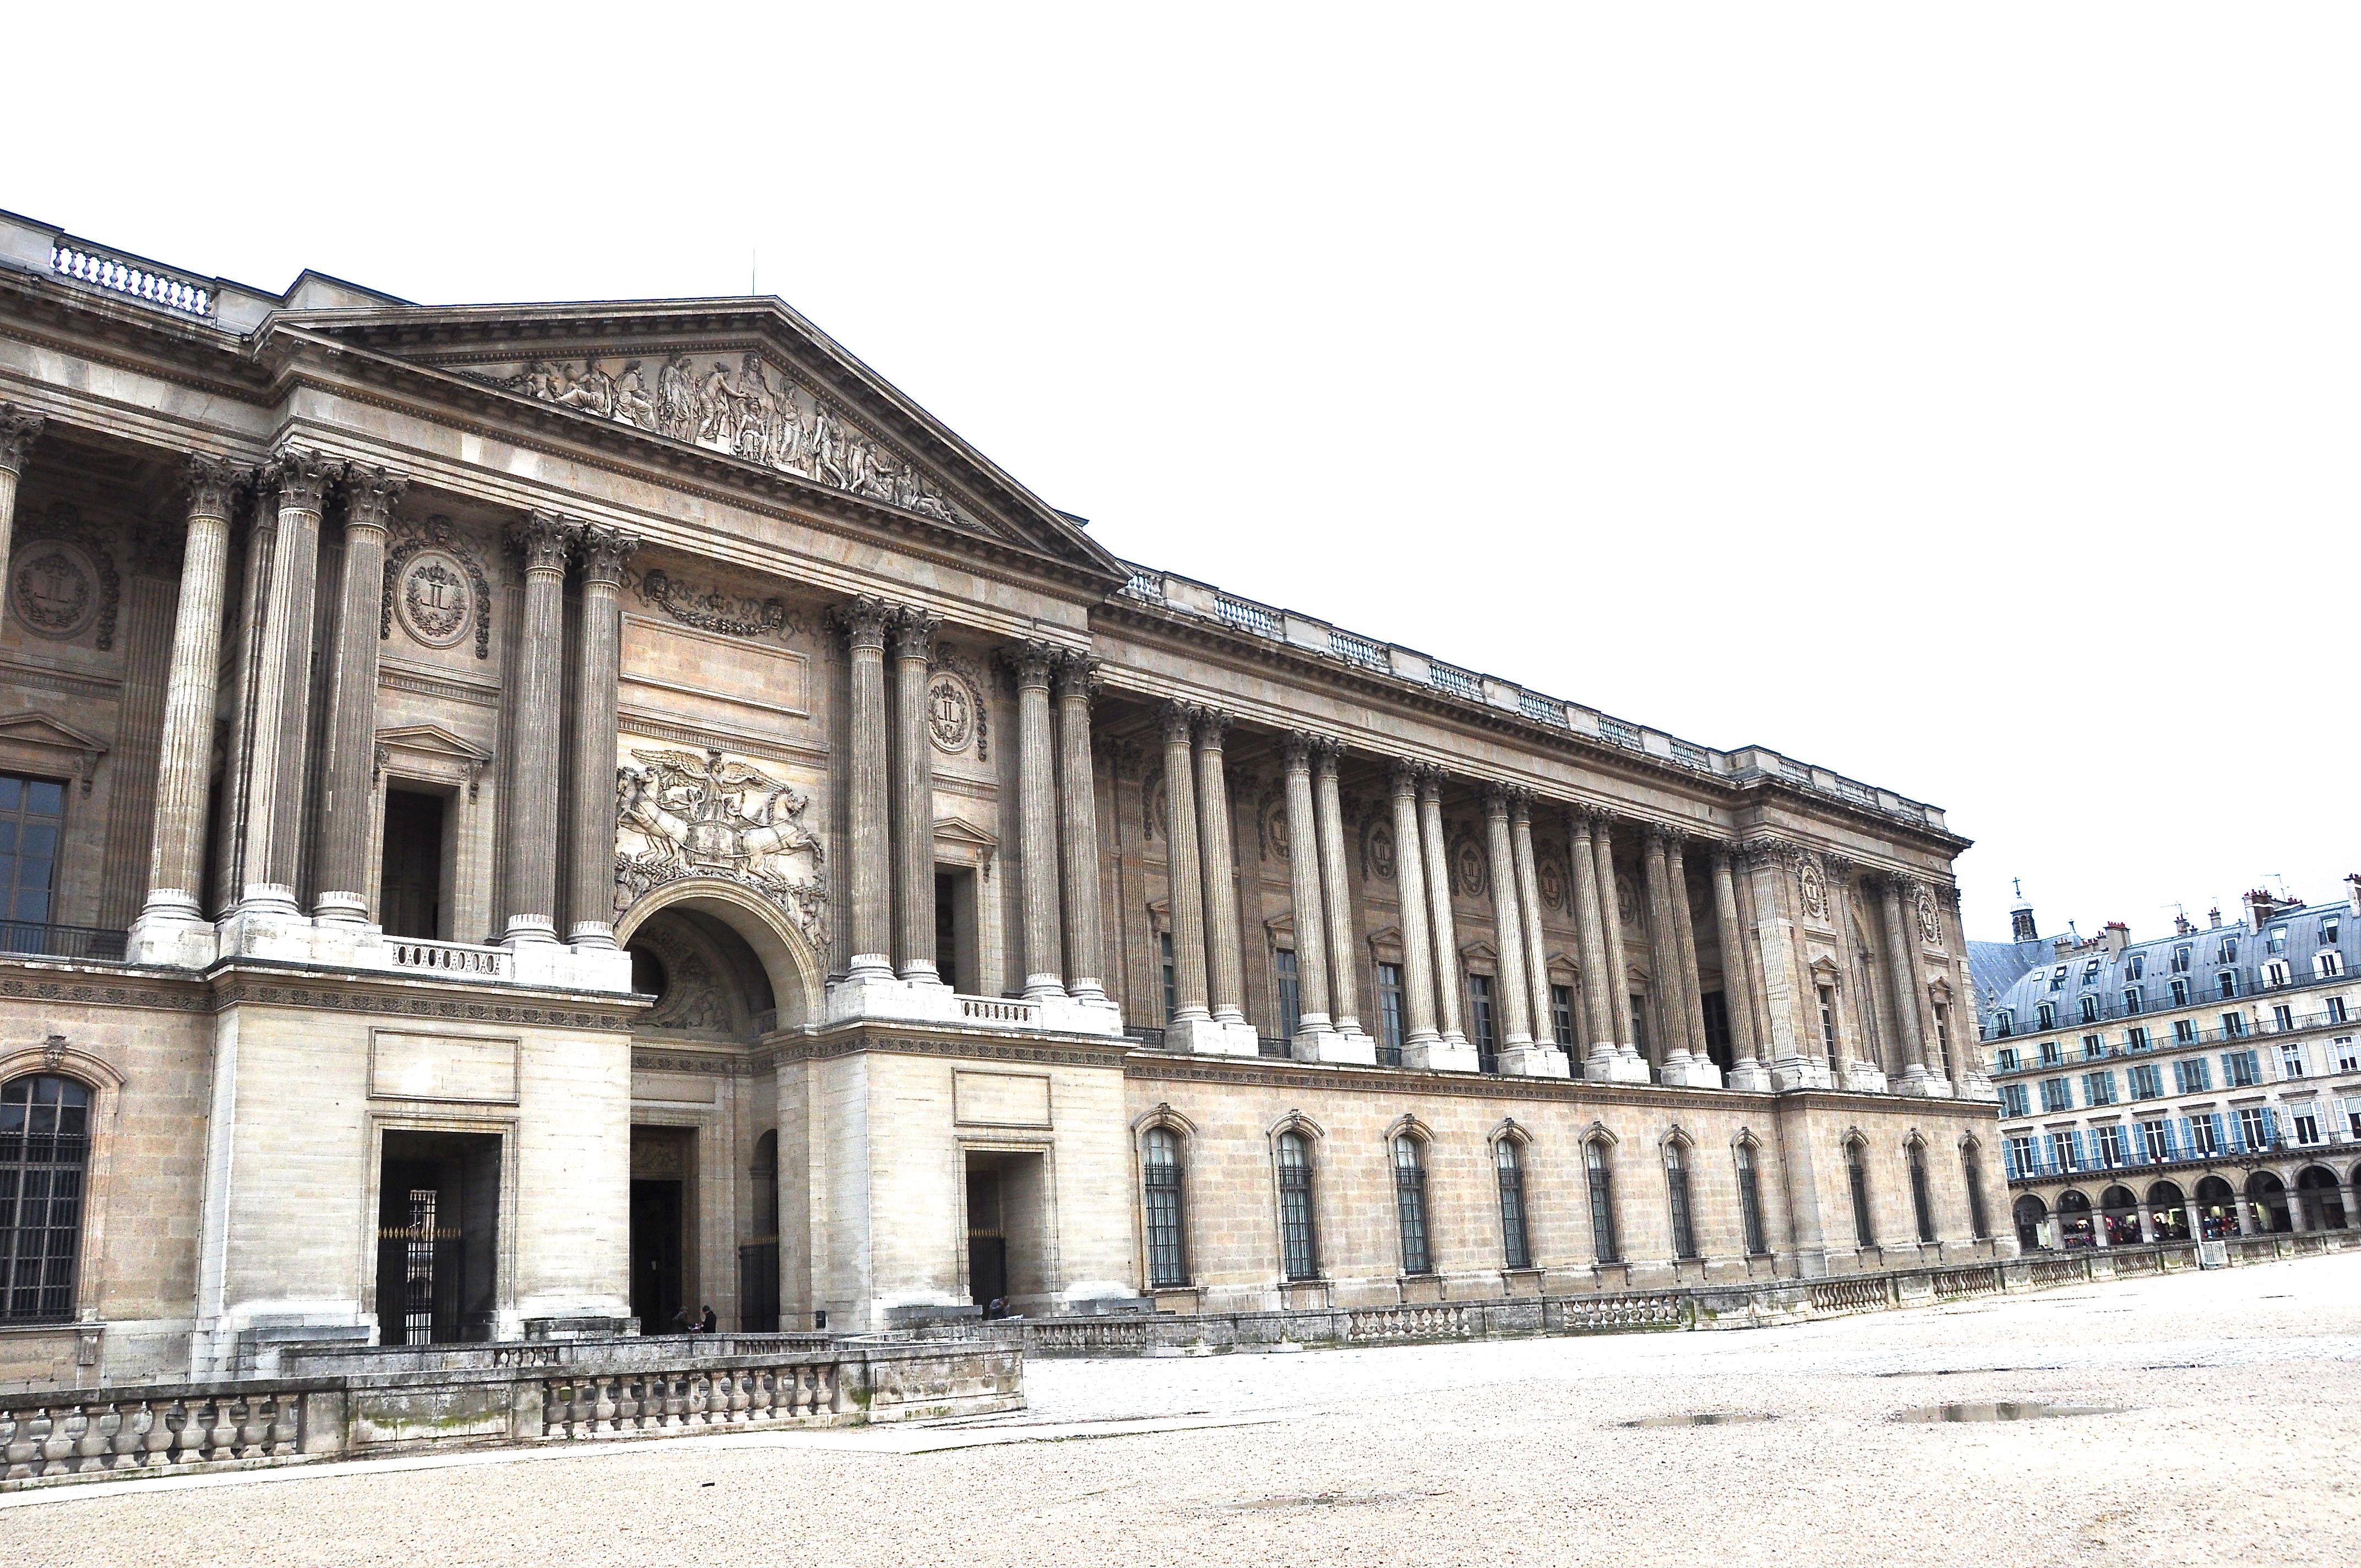 La façade orientale du Louvre, colonnade de Perrault, Paris